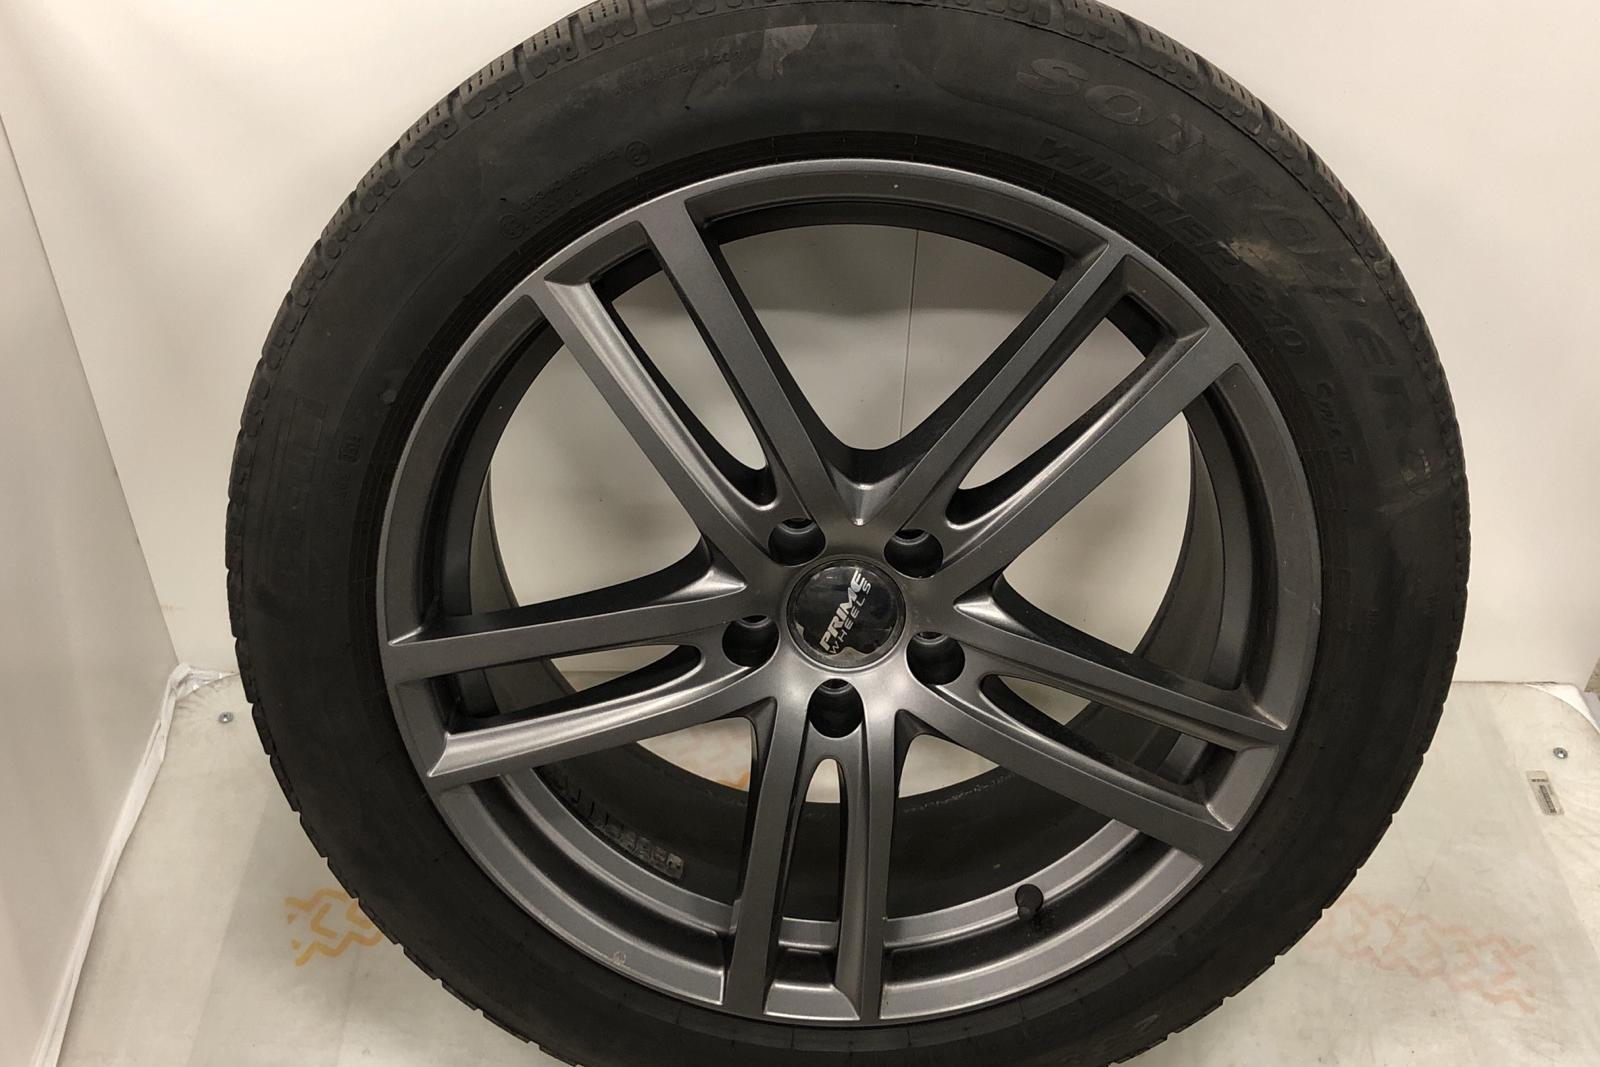 VW Tiguan 2.0 TDI 4MOTION (190hk) - 63 085 km - Automatic - black - 2017